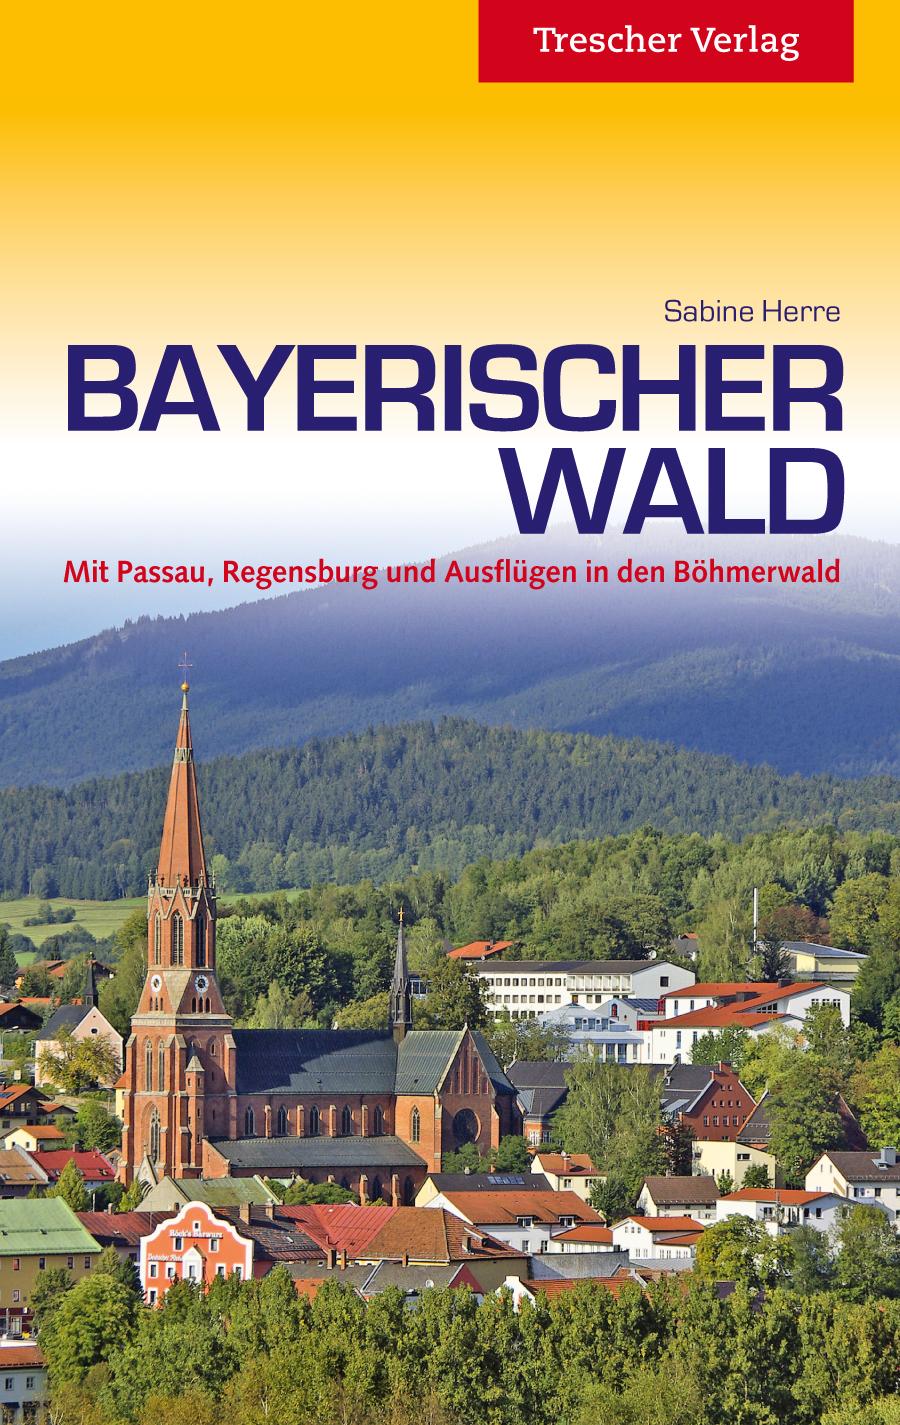 NEU Bayerischer Wald Sabine Herre 942486